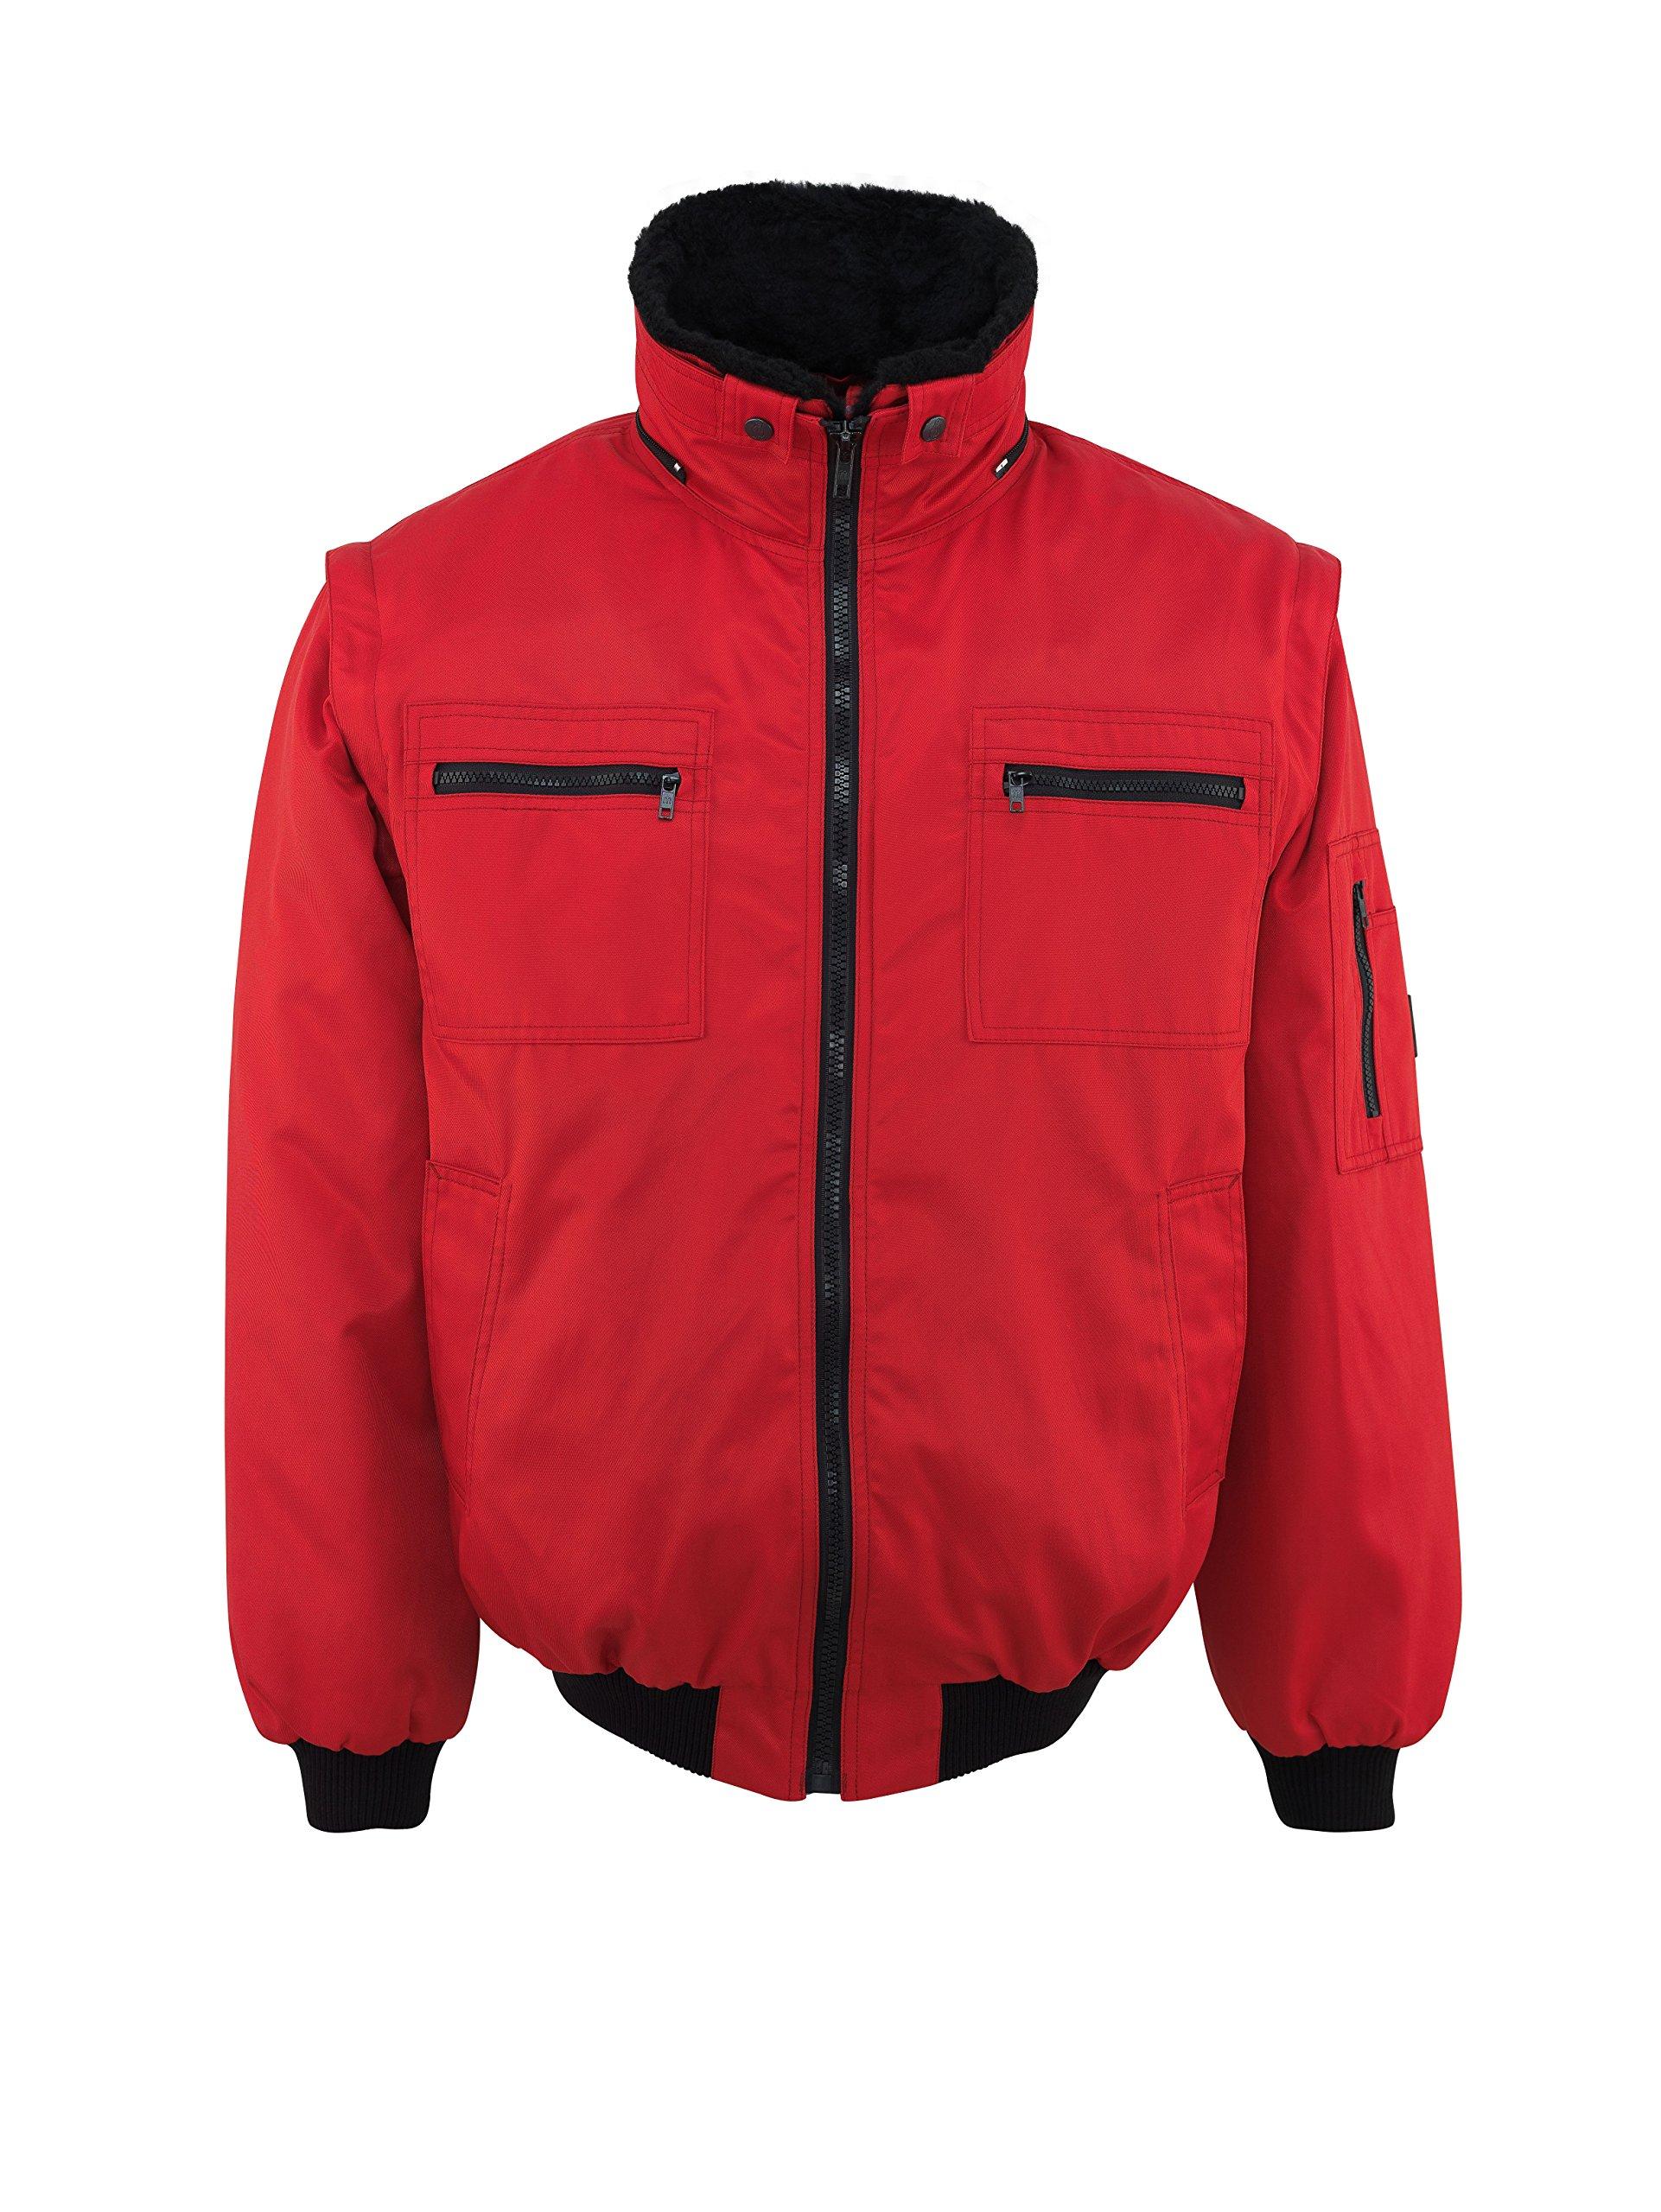 Mascot 00520-620-02-4XL''Innsbruck'' Pilot Jacket, 4X-Large, Red